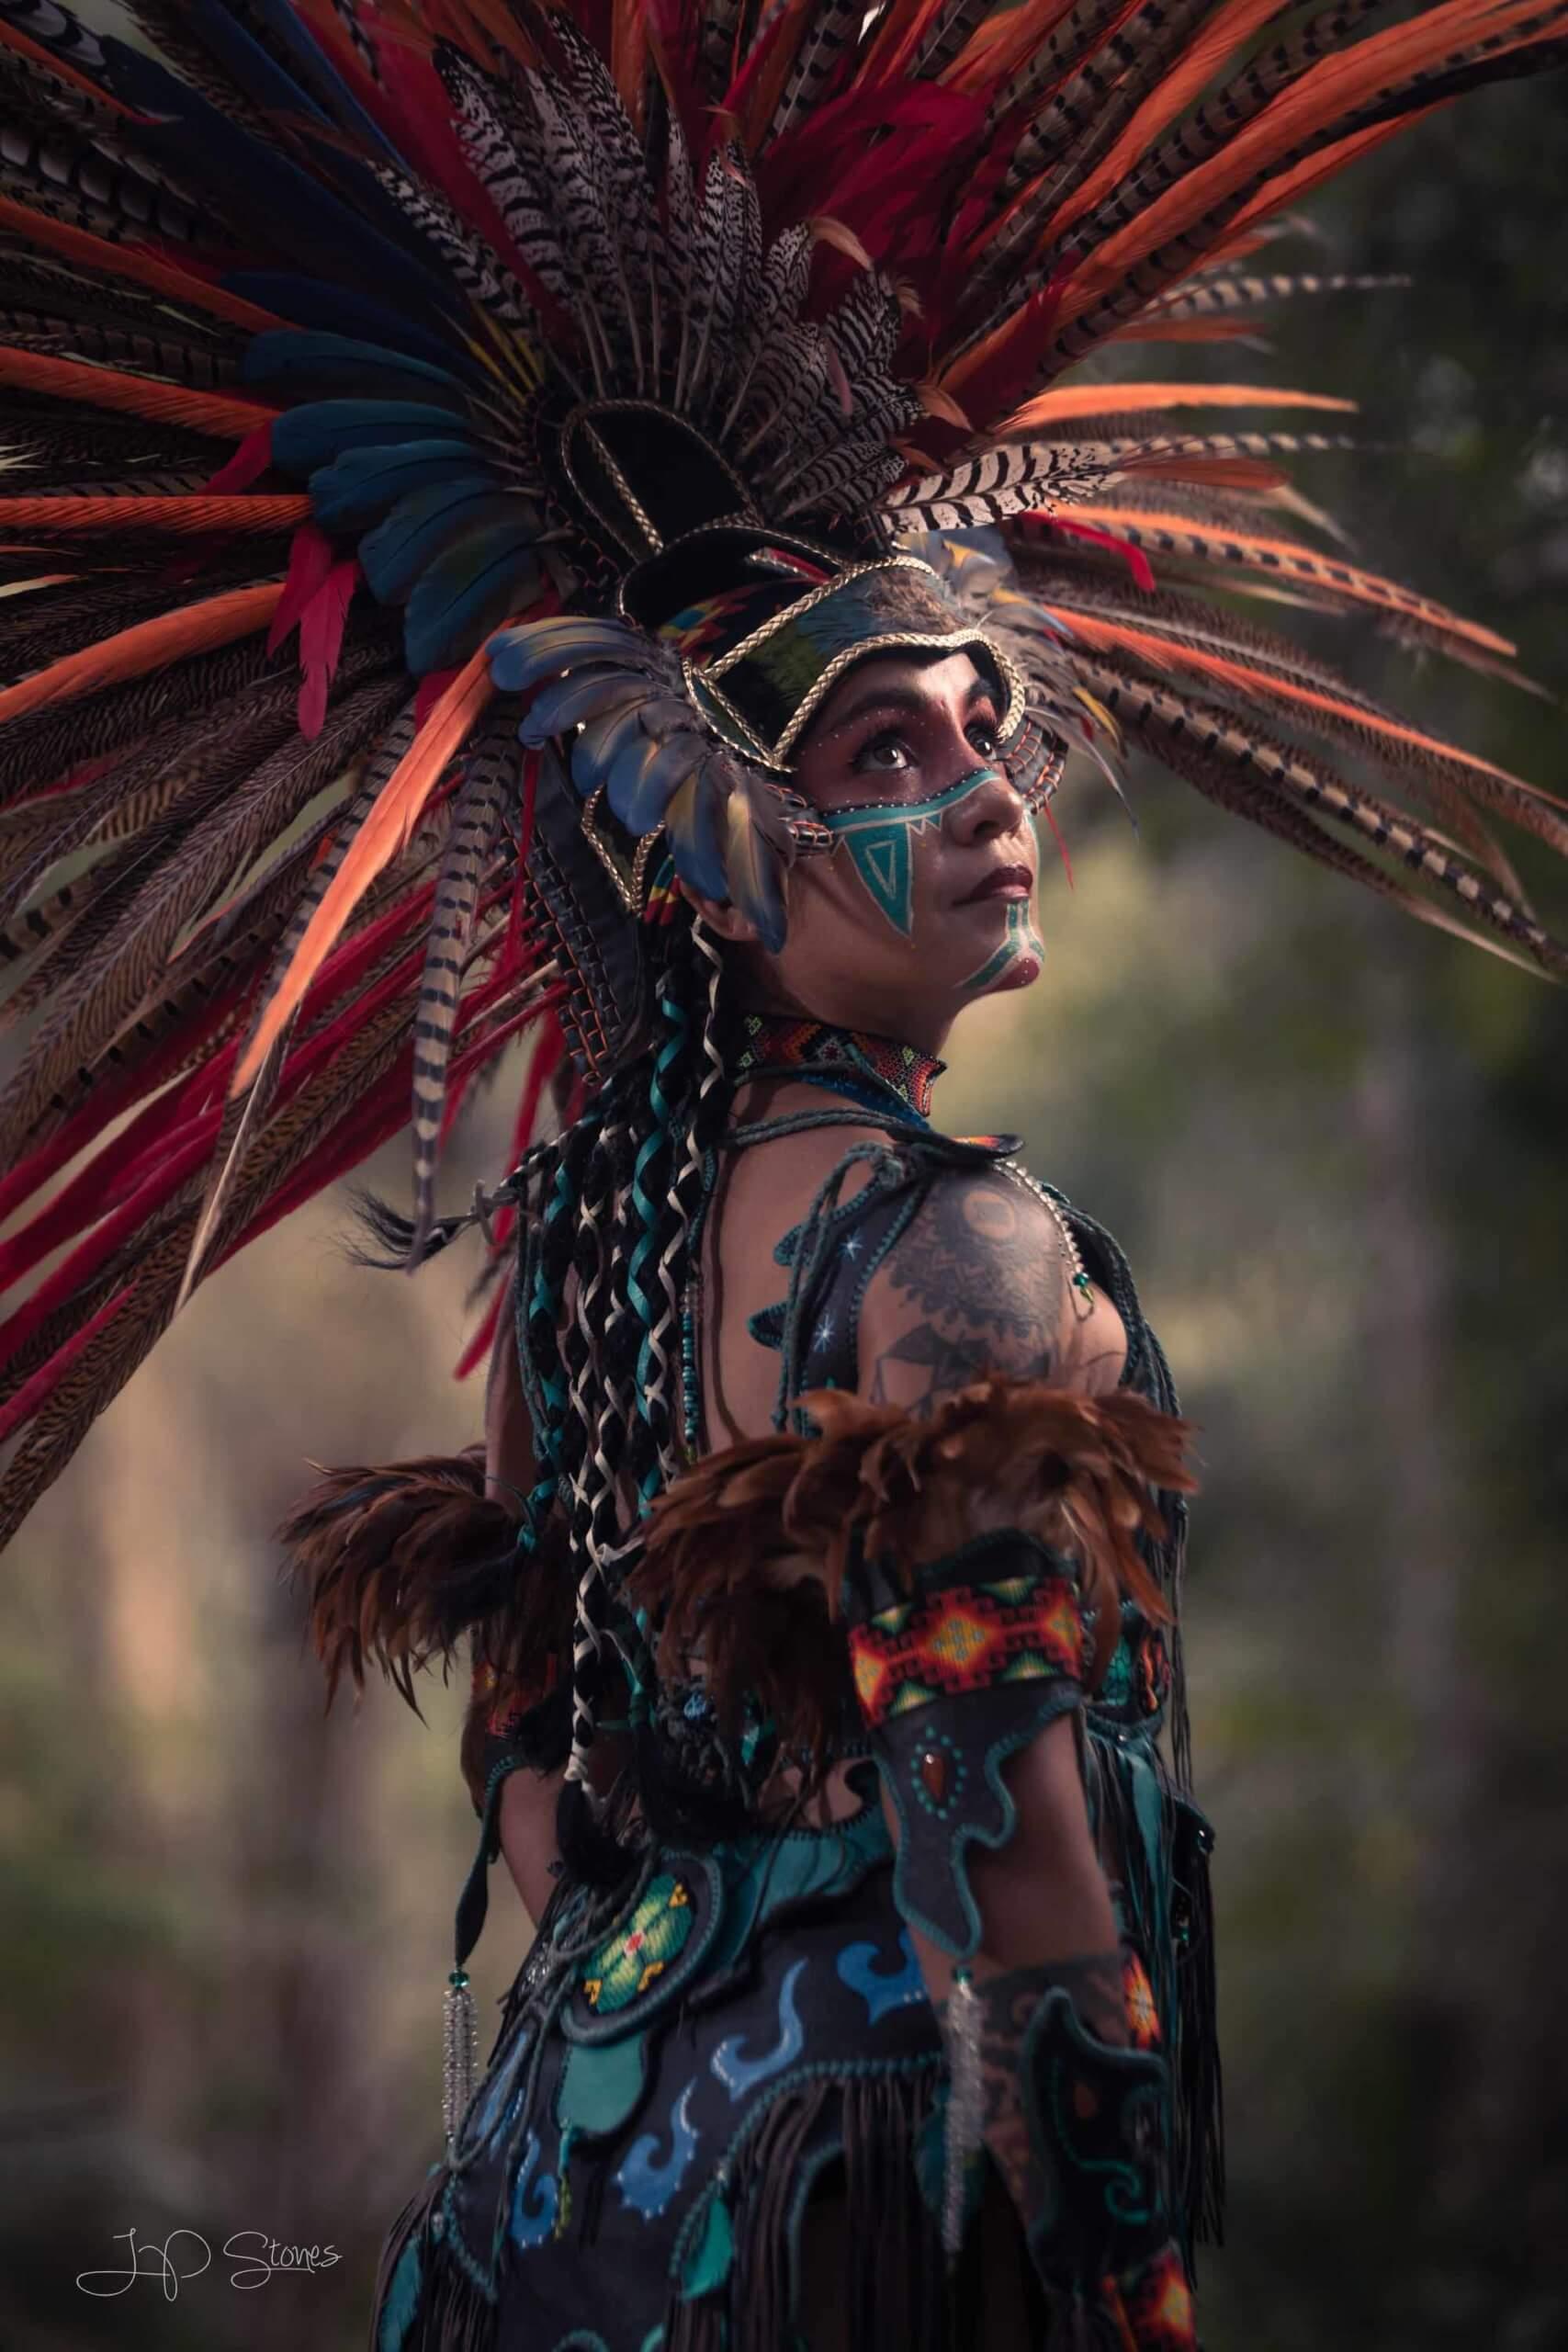 dramatic image with elaborate headdress